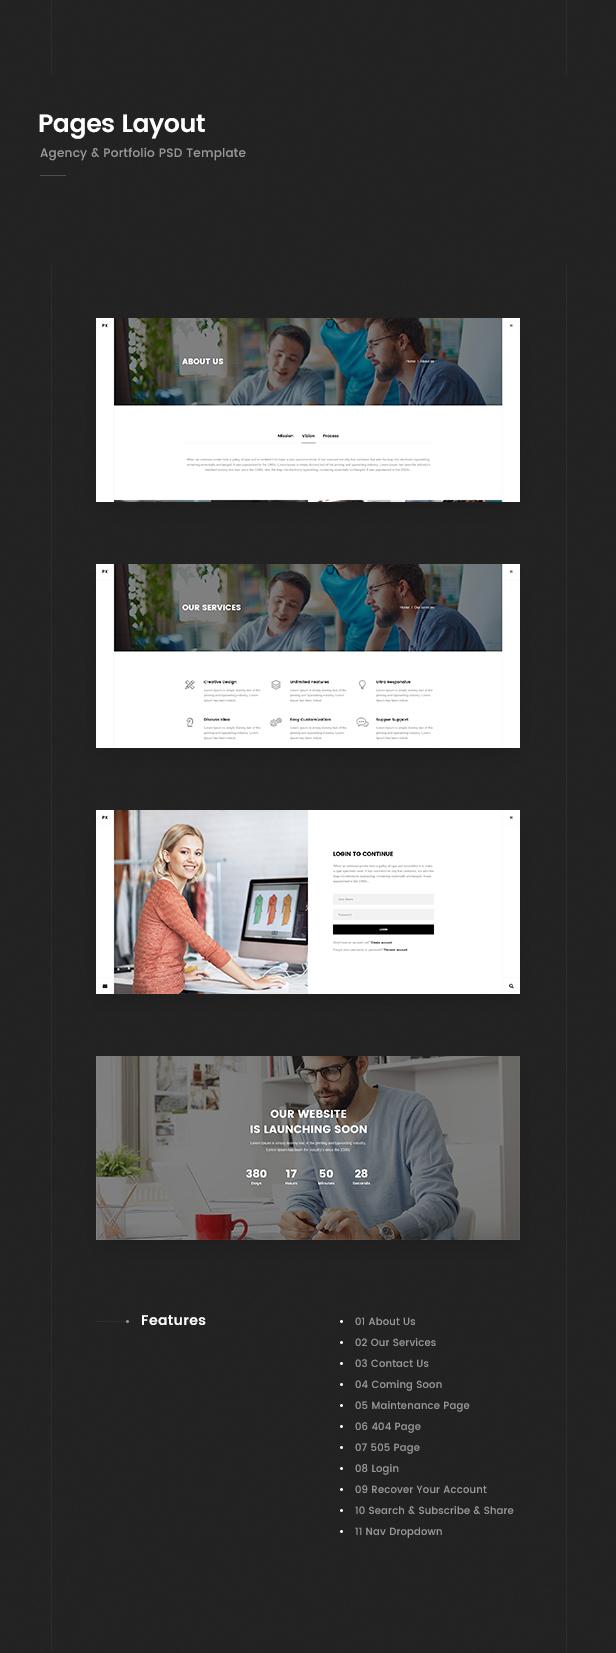 Prex | Creative Agency & Portfolio PSD Template - 3